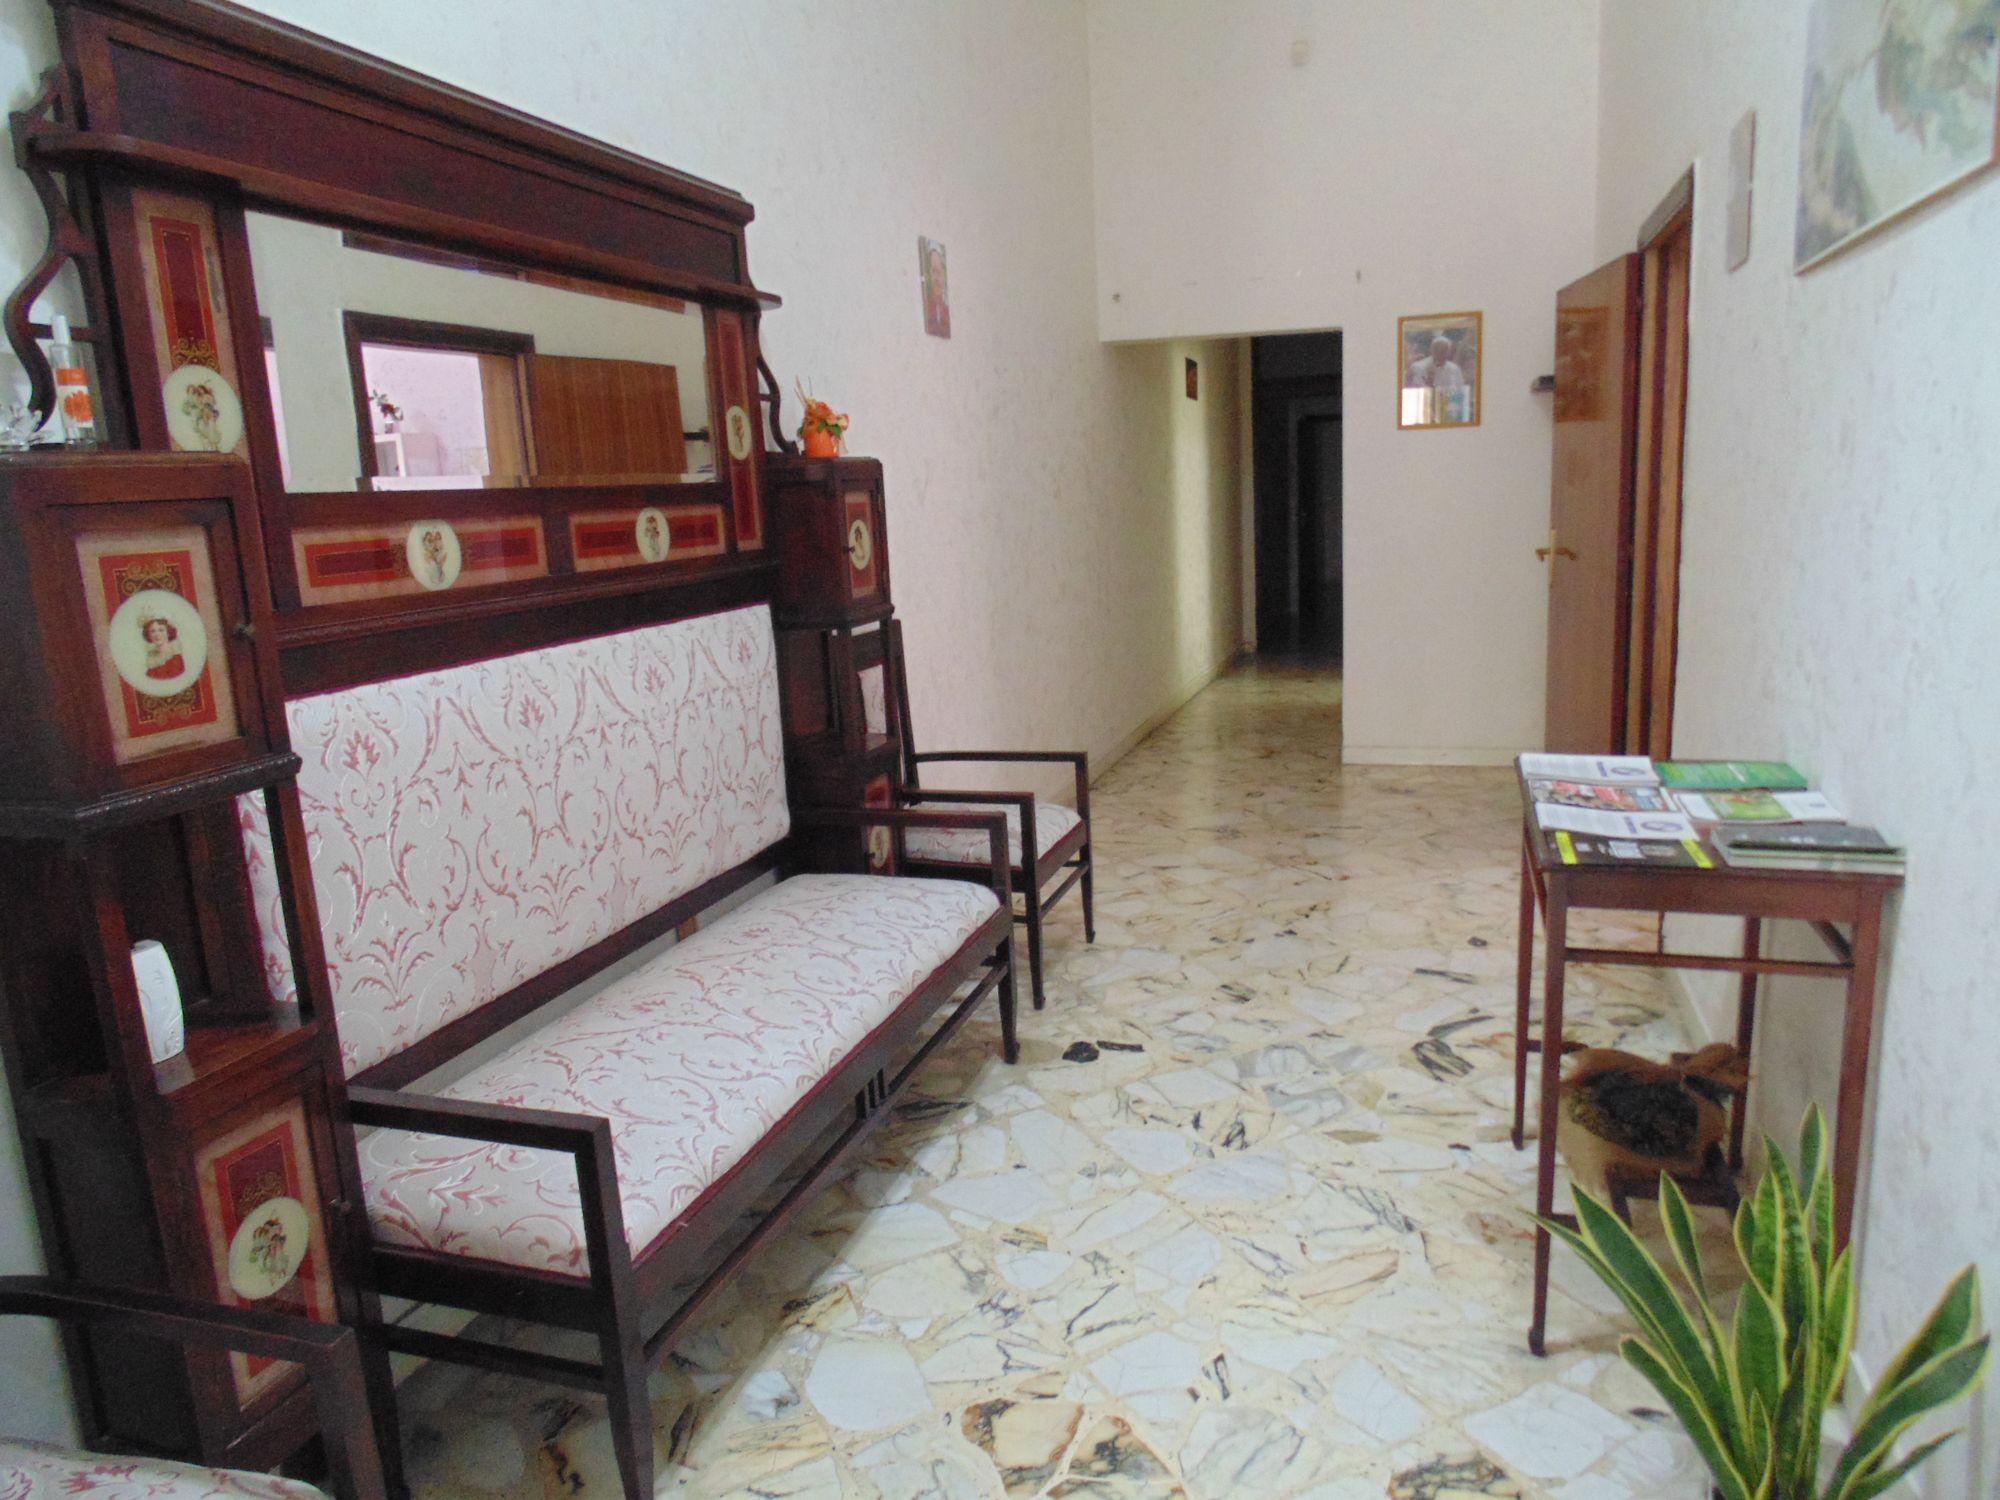 Casa indipendente in zona centrale, al piano terra di circa mq 150, in buone condizioni. L